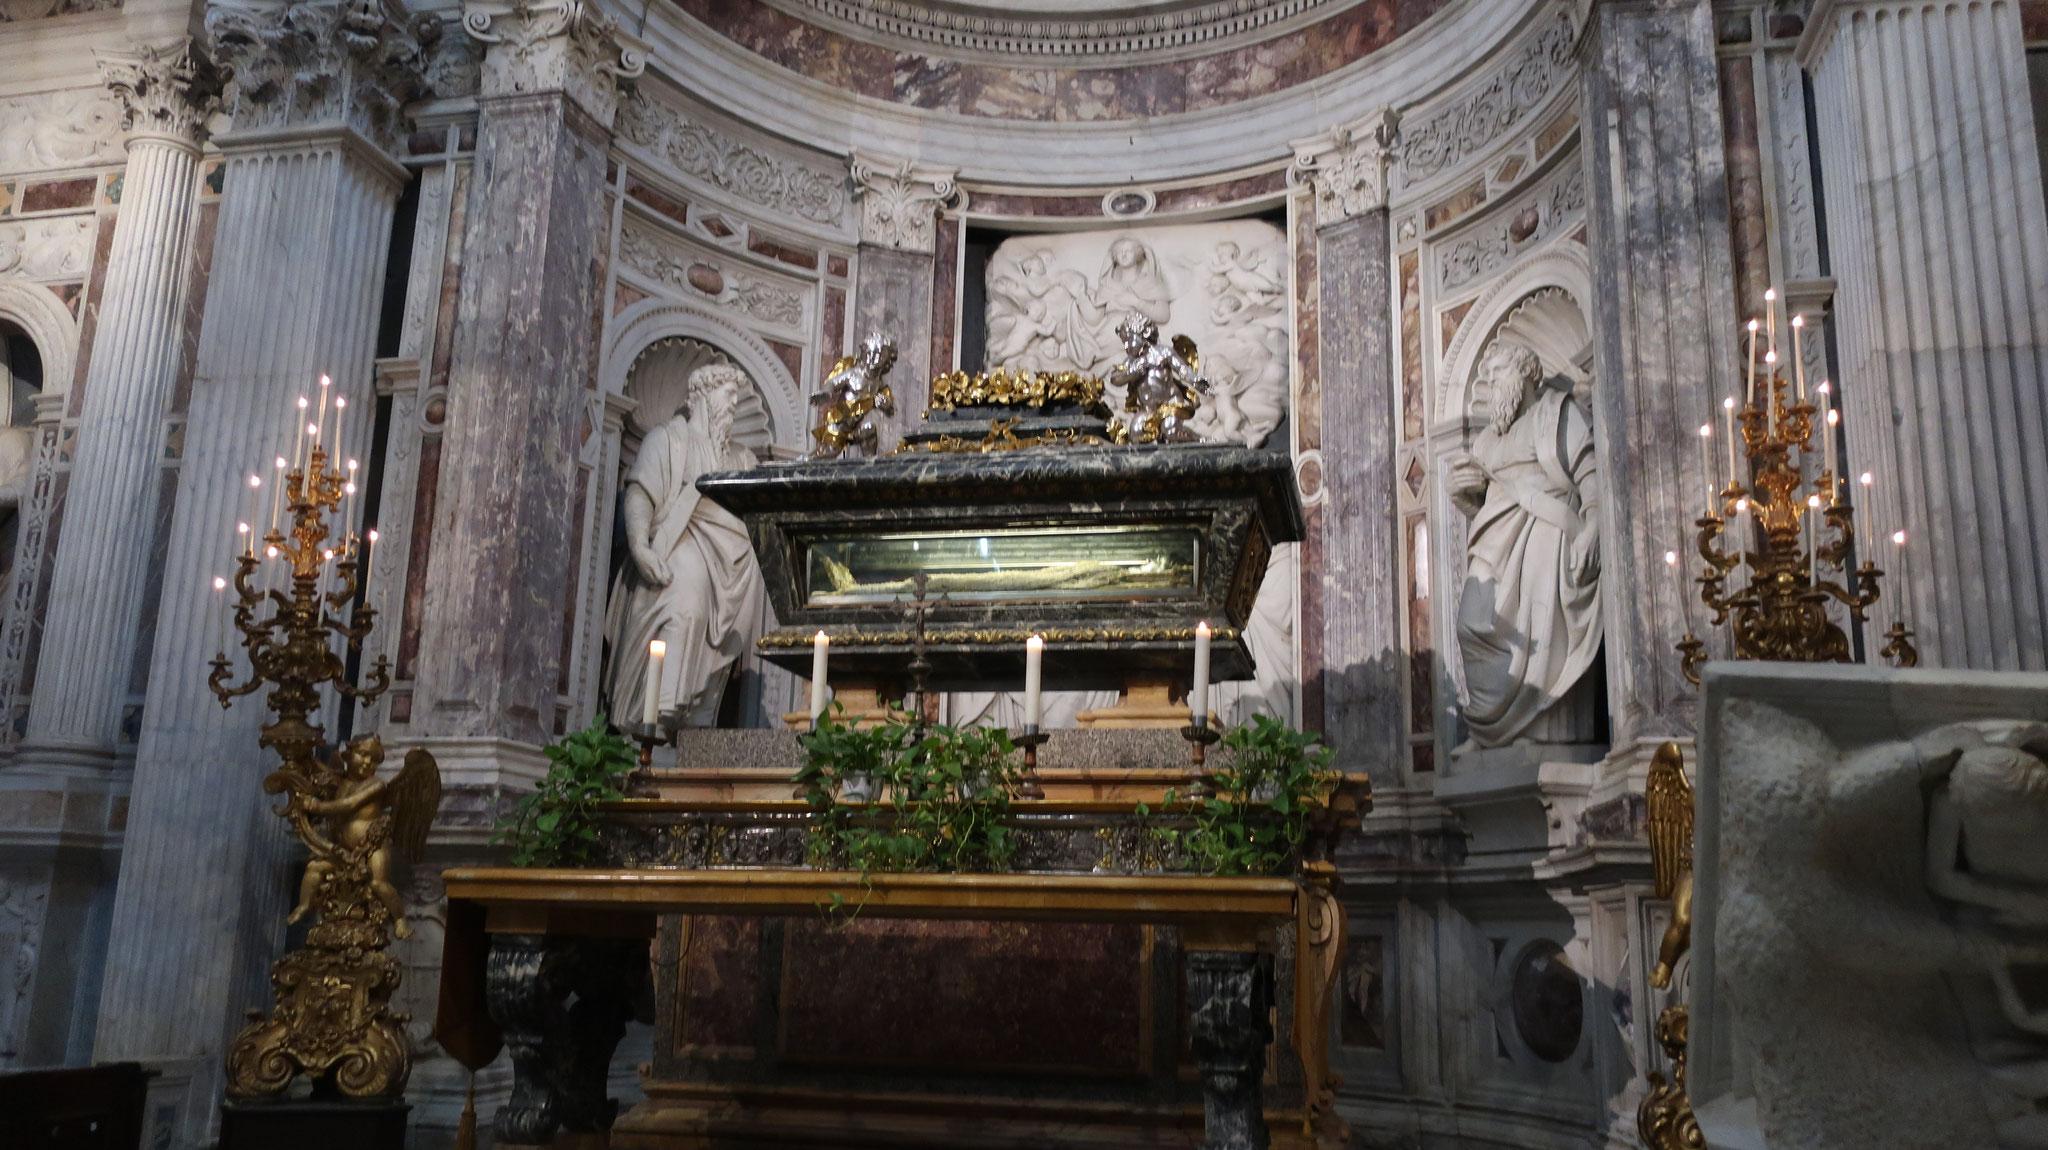 聖ラニエリの棺。ピサの守護聖人。助けを求める全ての人にパンと聖水を与えた事から、「水のラニエリ」とも呼ばれます。